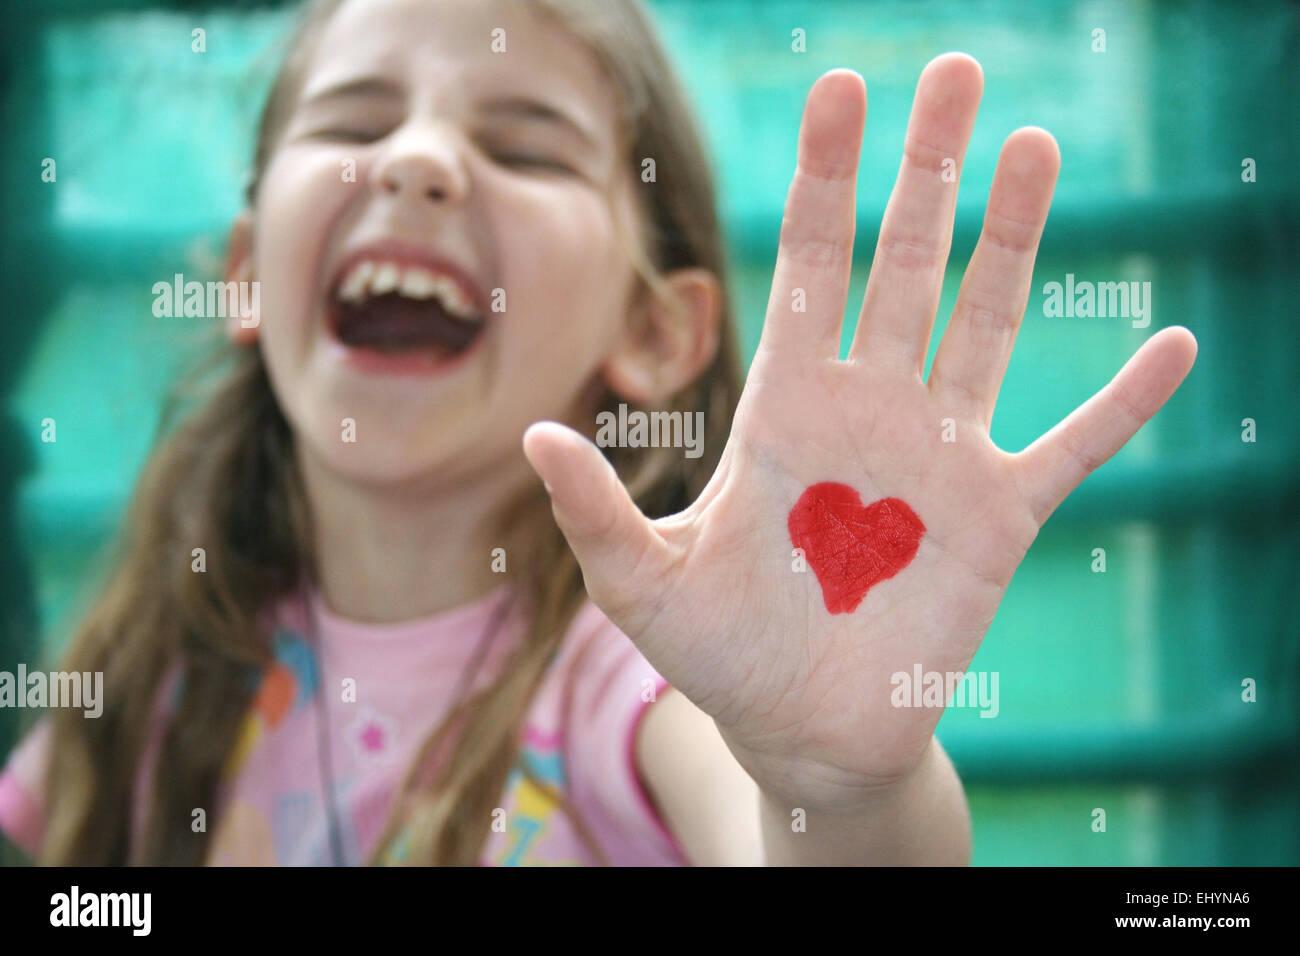 Chica con un corazón dibujado en la palma de su mano Imagen De Stock